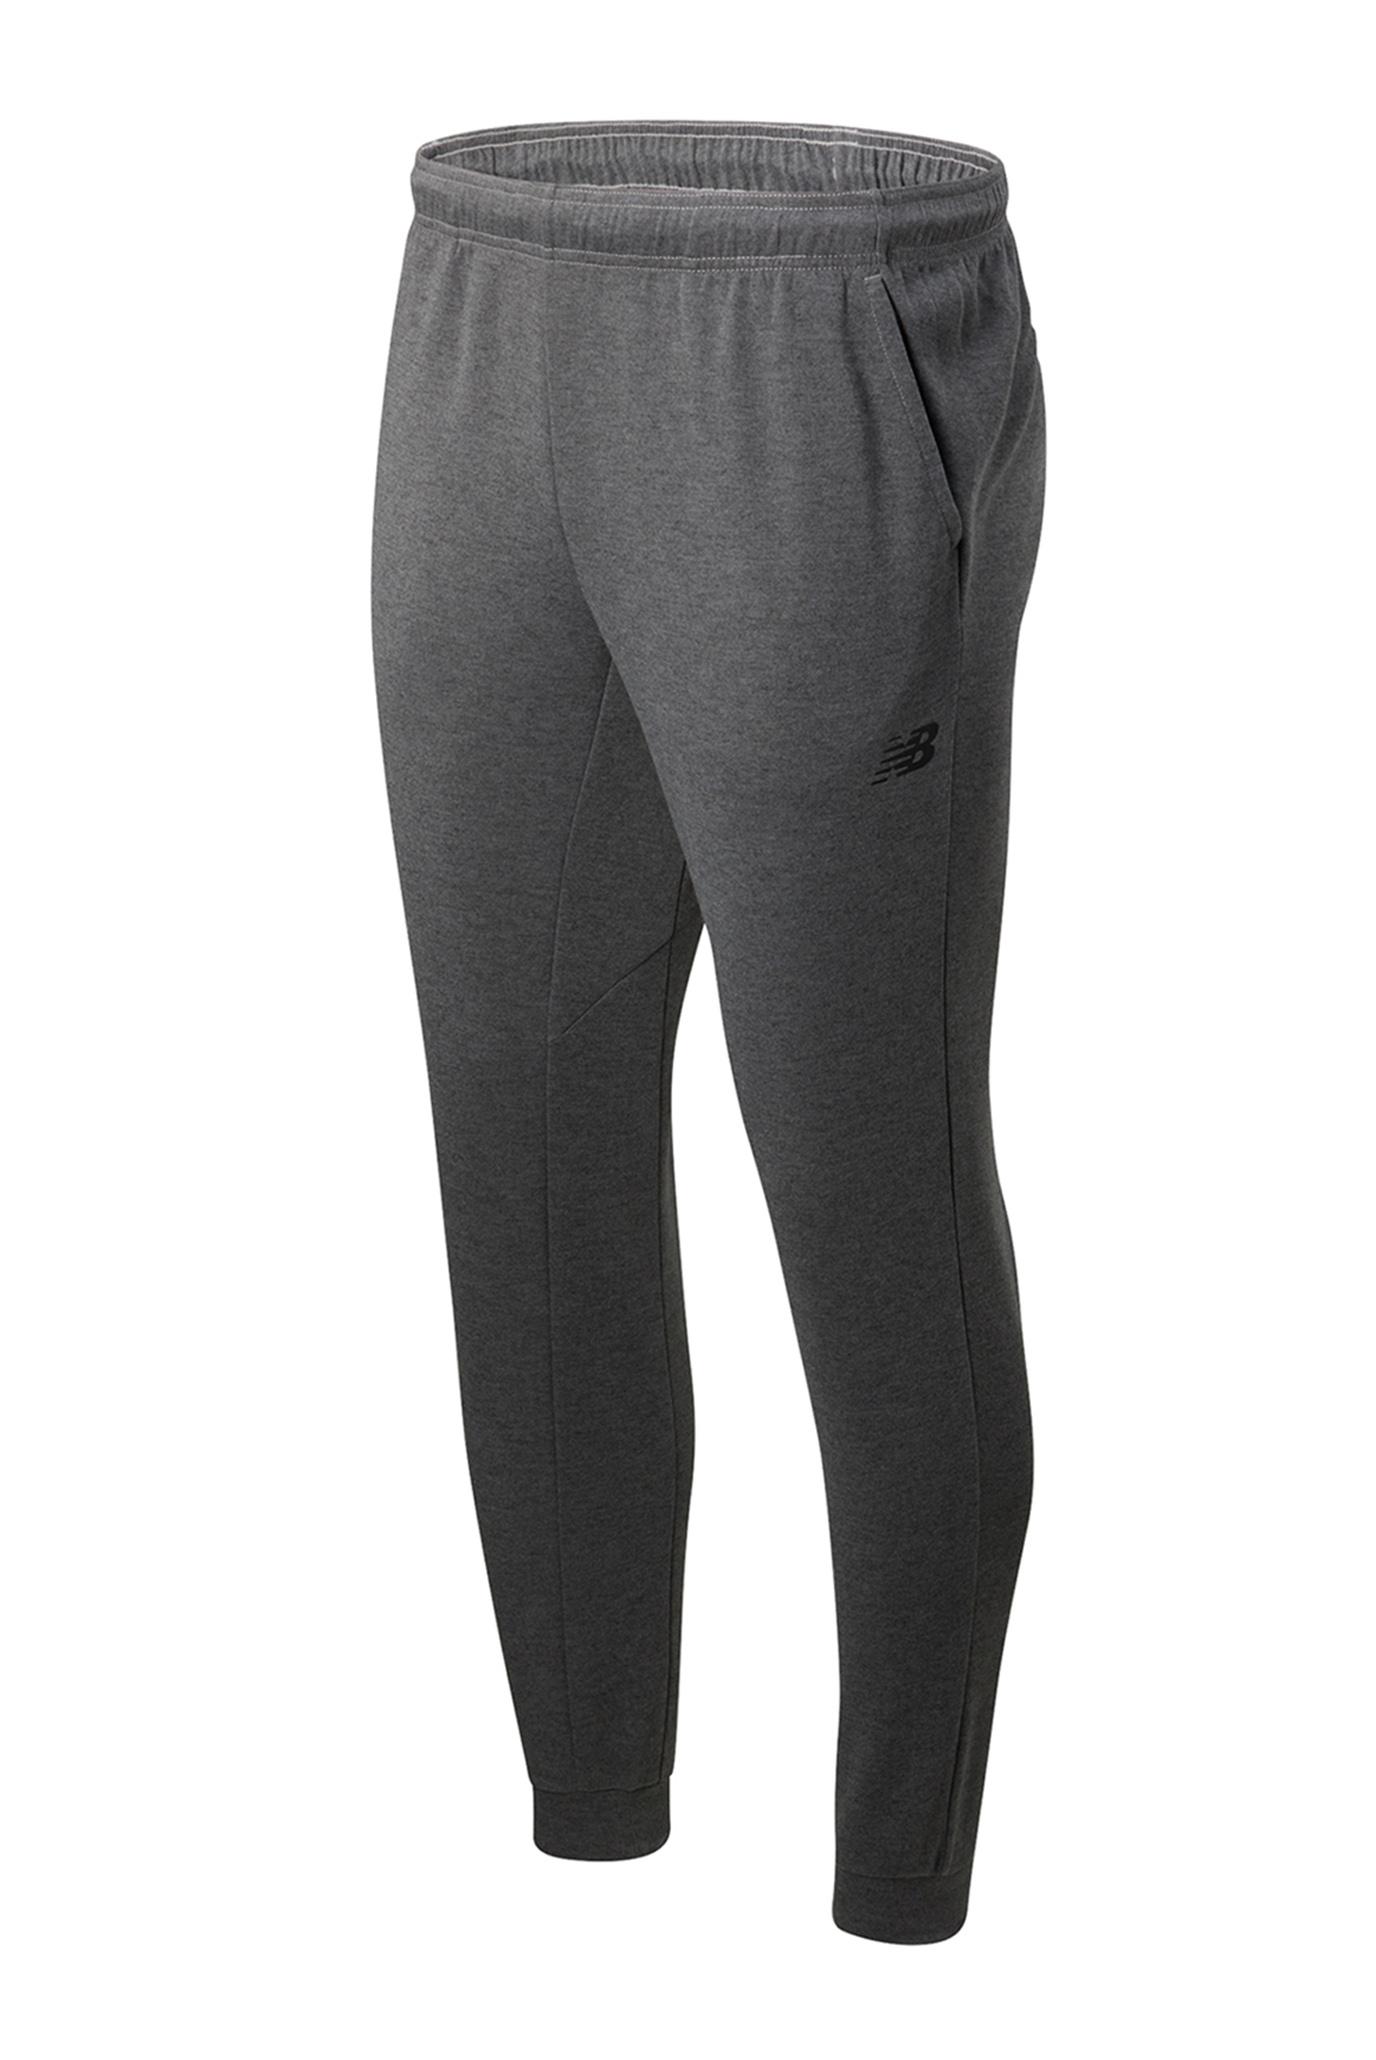 Чоловічі сірі спортивні штани Tenacity Lightweight 1